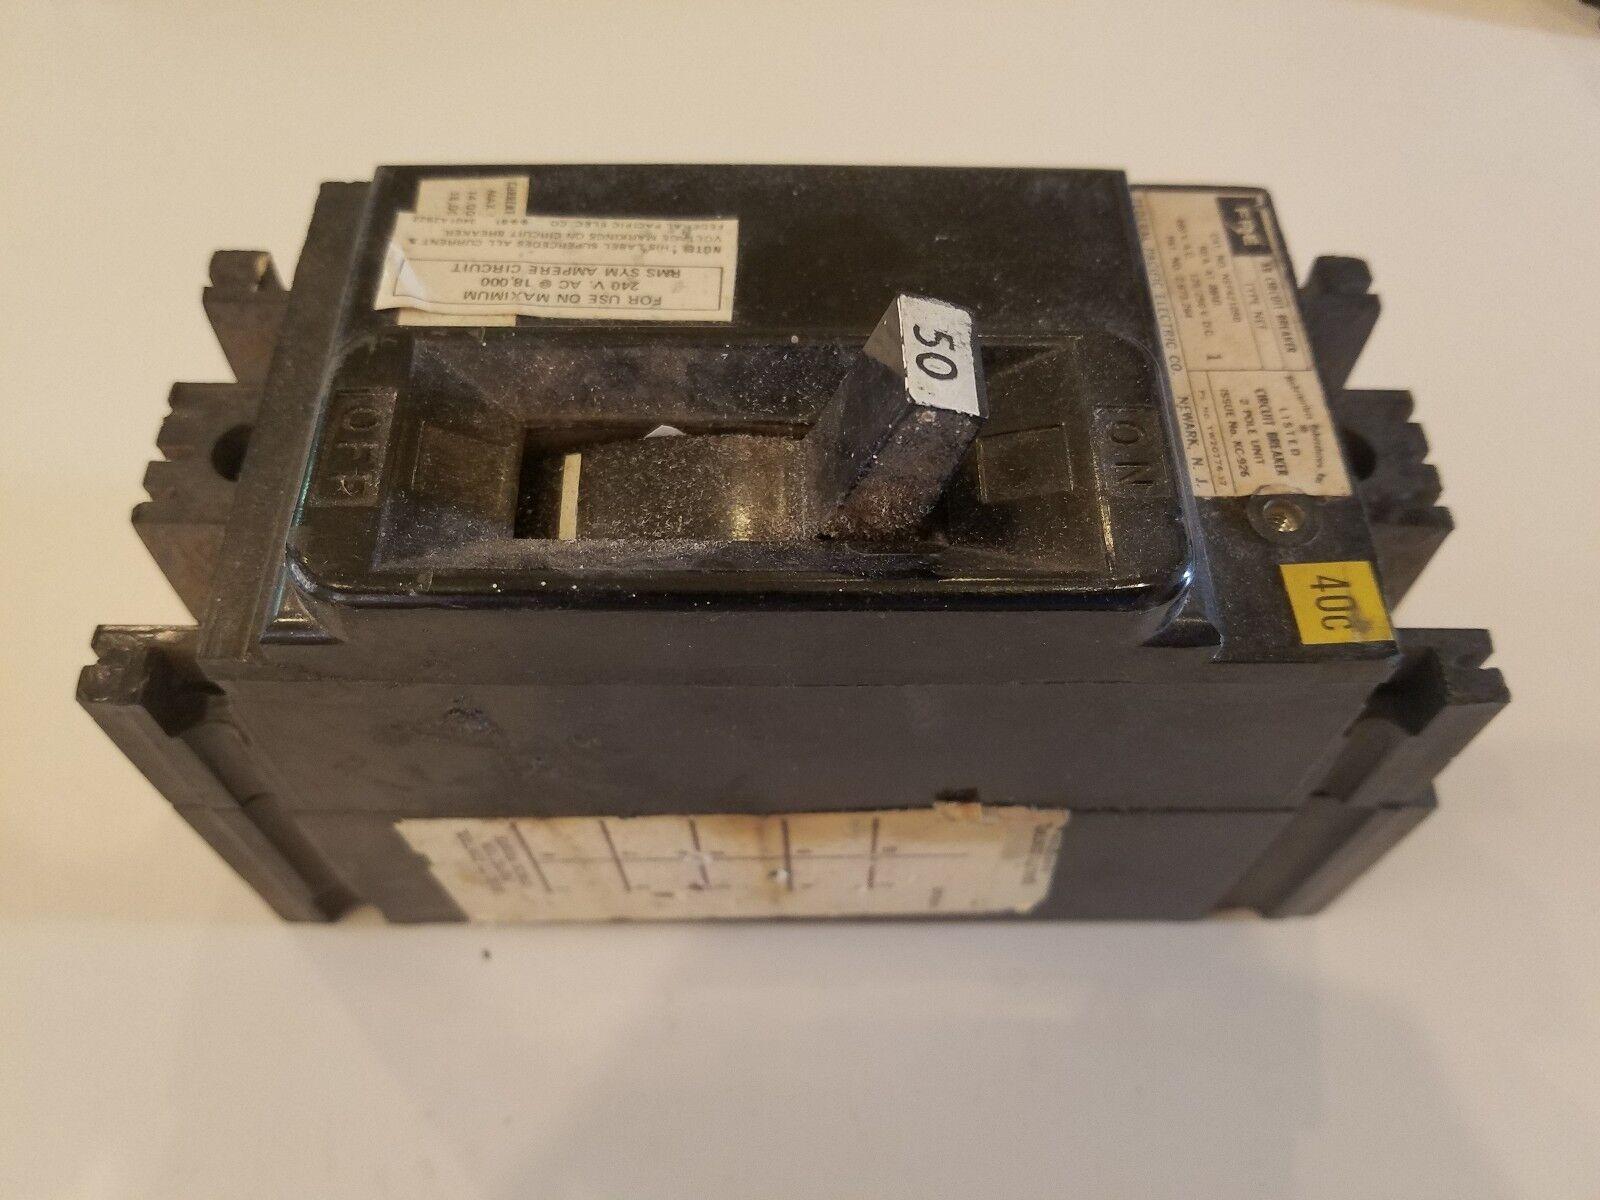 RWR74S3160FS 7watt 316ohms 1/% WireWound Resistors 5905-01-231-3238 35pcs stock